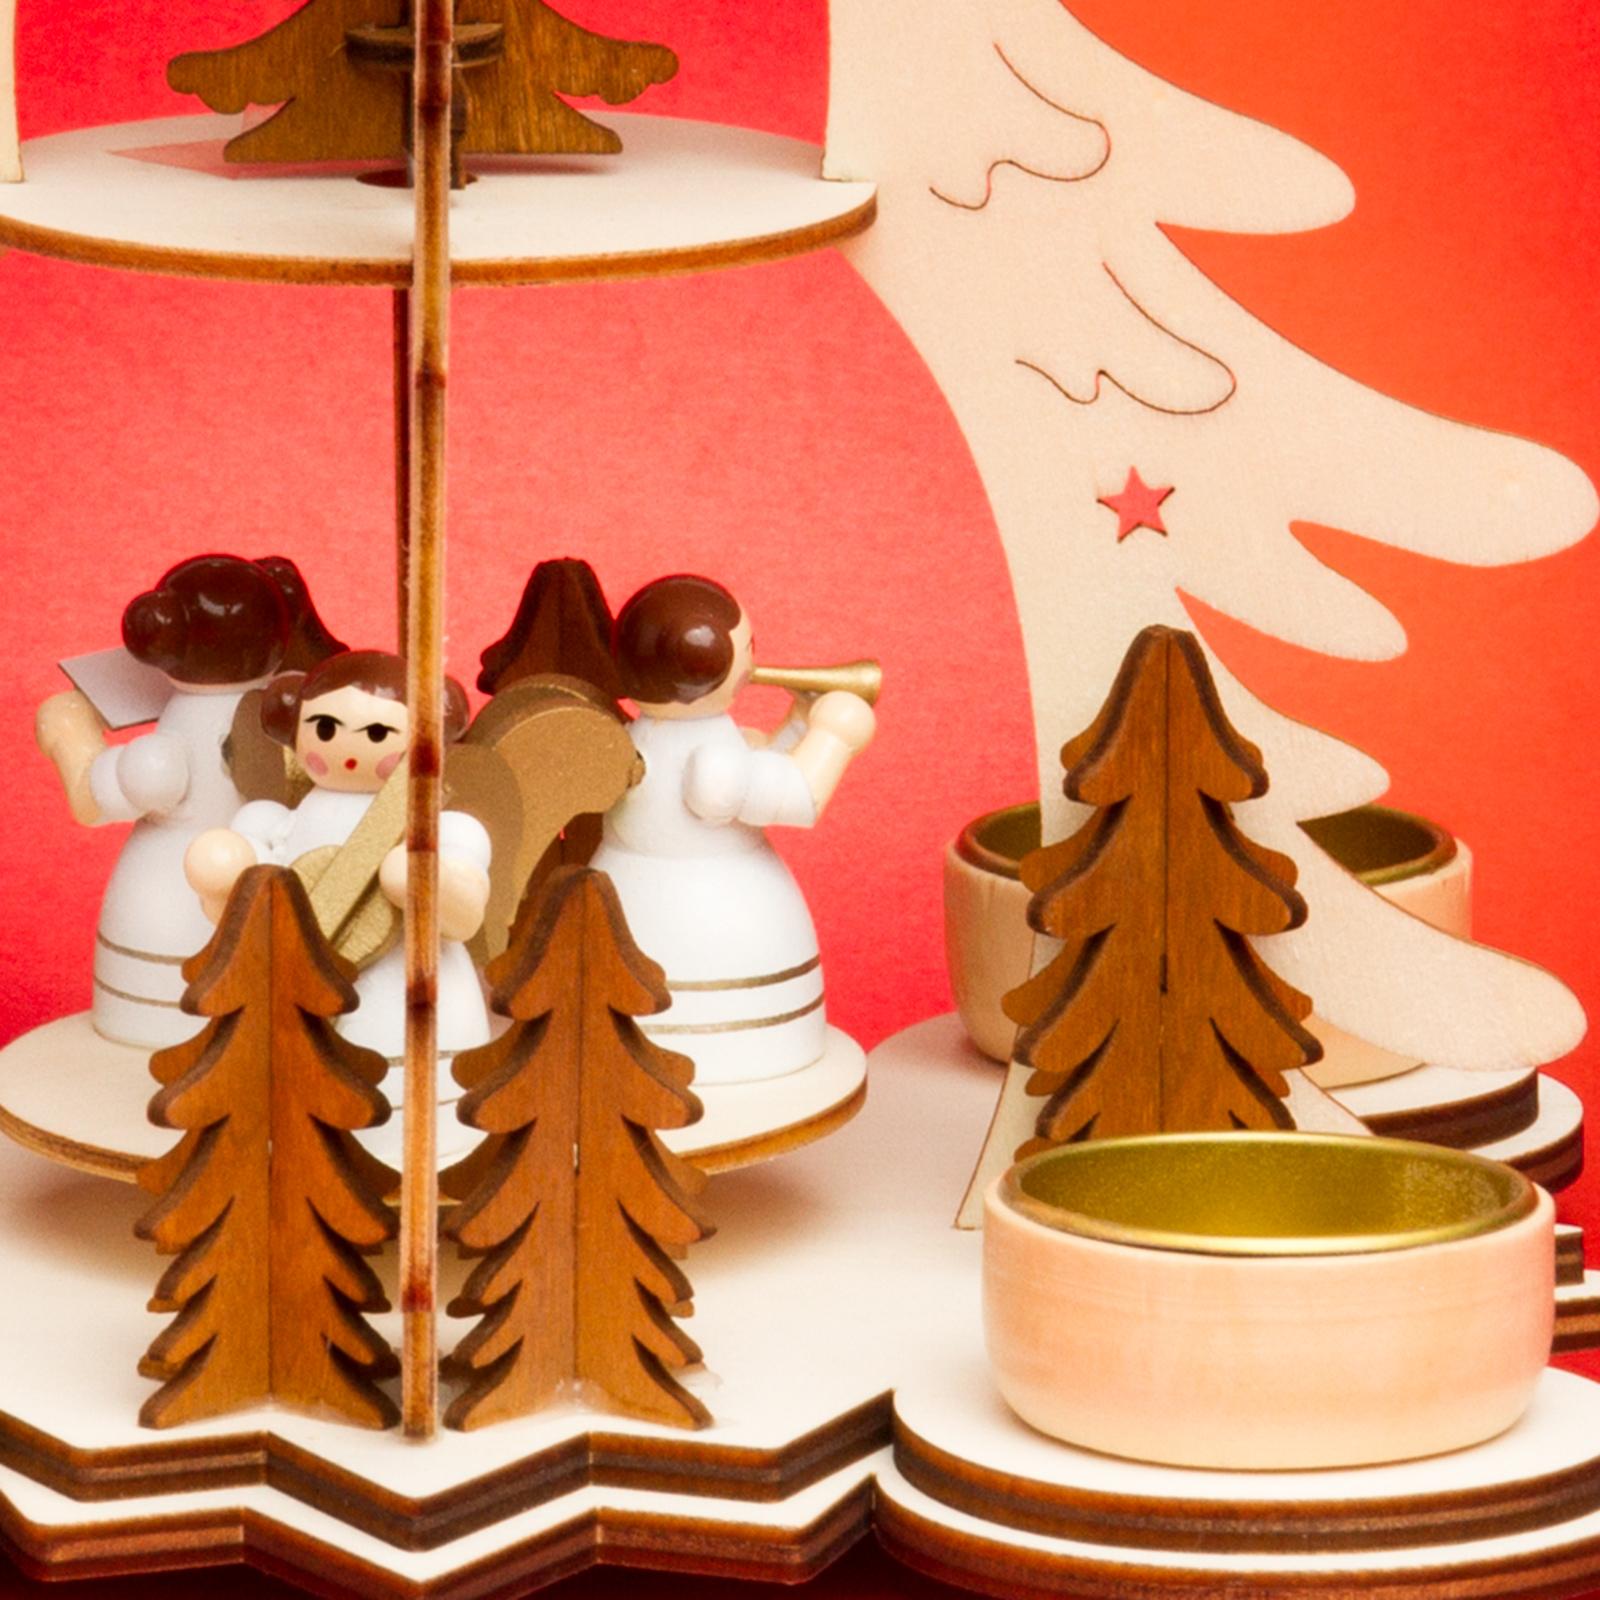 sikora p27 teelicht holz weihnachtspyramide mit engel h 26cm weihnachtspyramiden. Black Bedroom Furniture Sets. Home Design Ideas